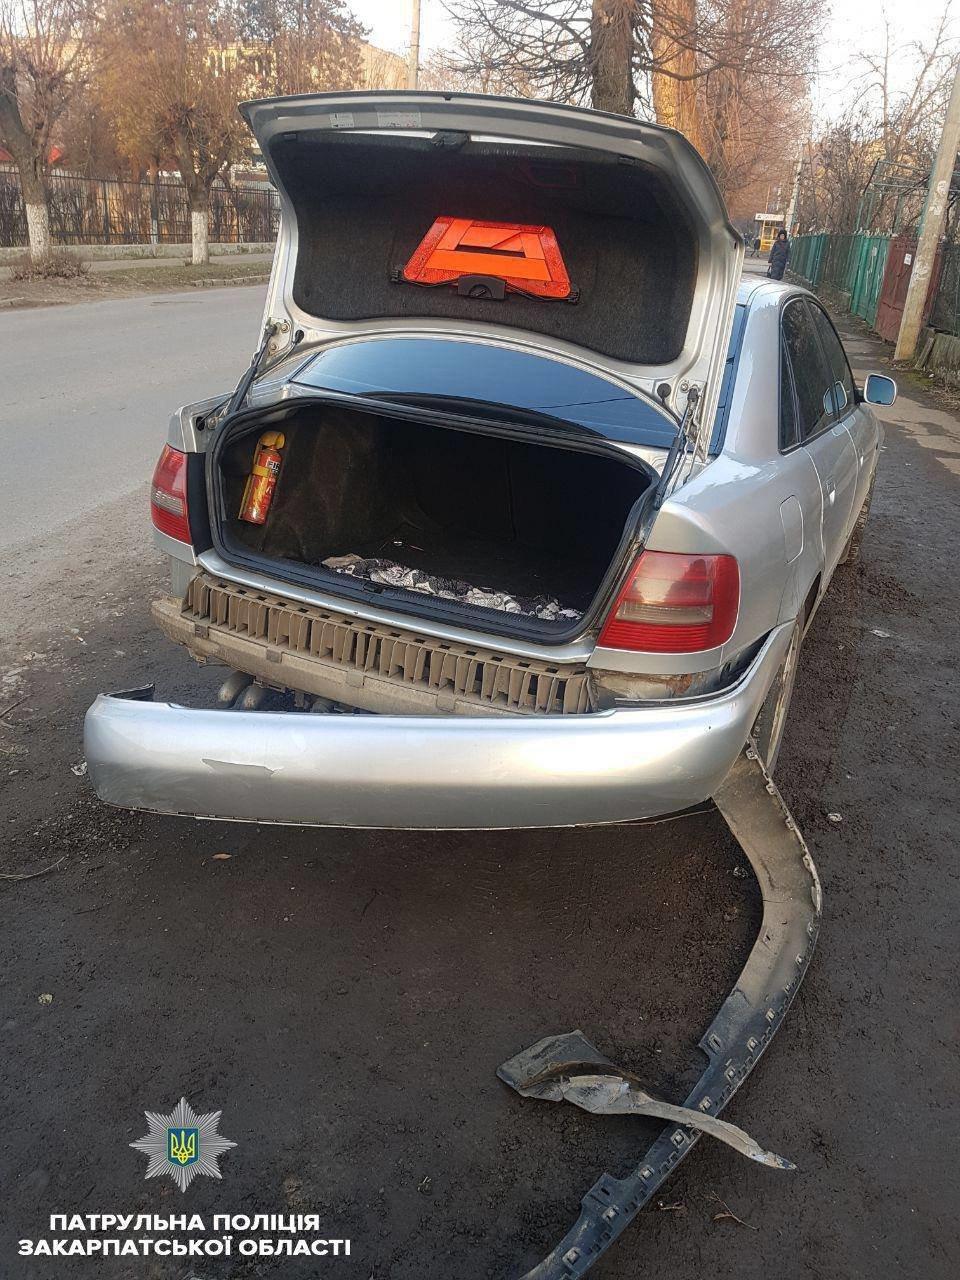 """В Ужгороді патрульні затримали п`яного водія ВАЗу, який скоїв ДТП і """"накивав п'ятами"""" (ФОТО) , фото-2"""